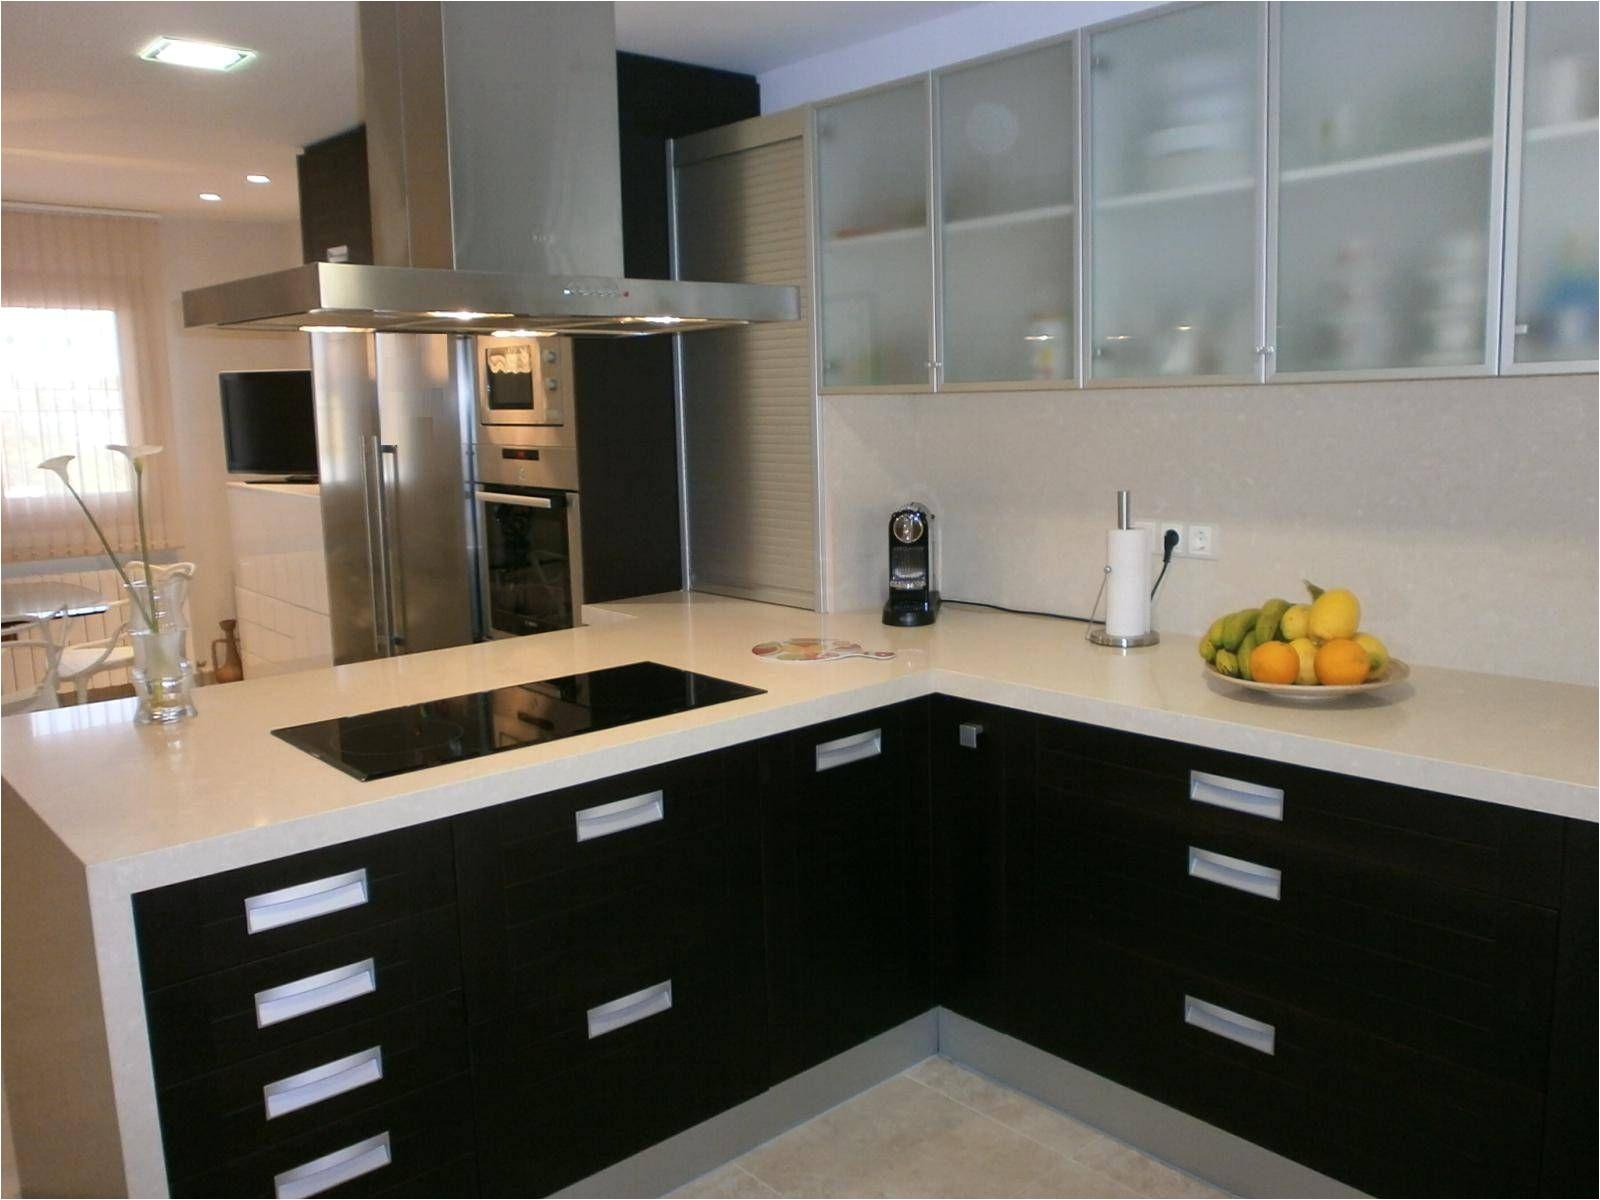 Dise os de cocinas peque as y sencillas rusticas adinaporter for Disenos de cocinas pequenas y sencillas